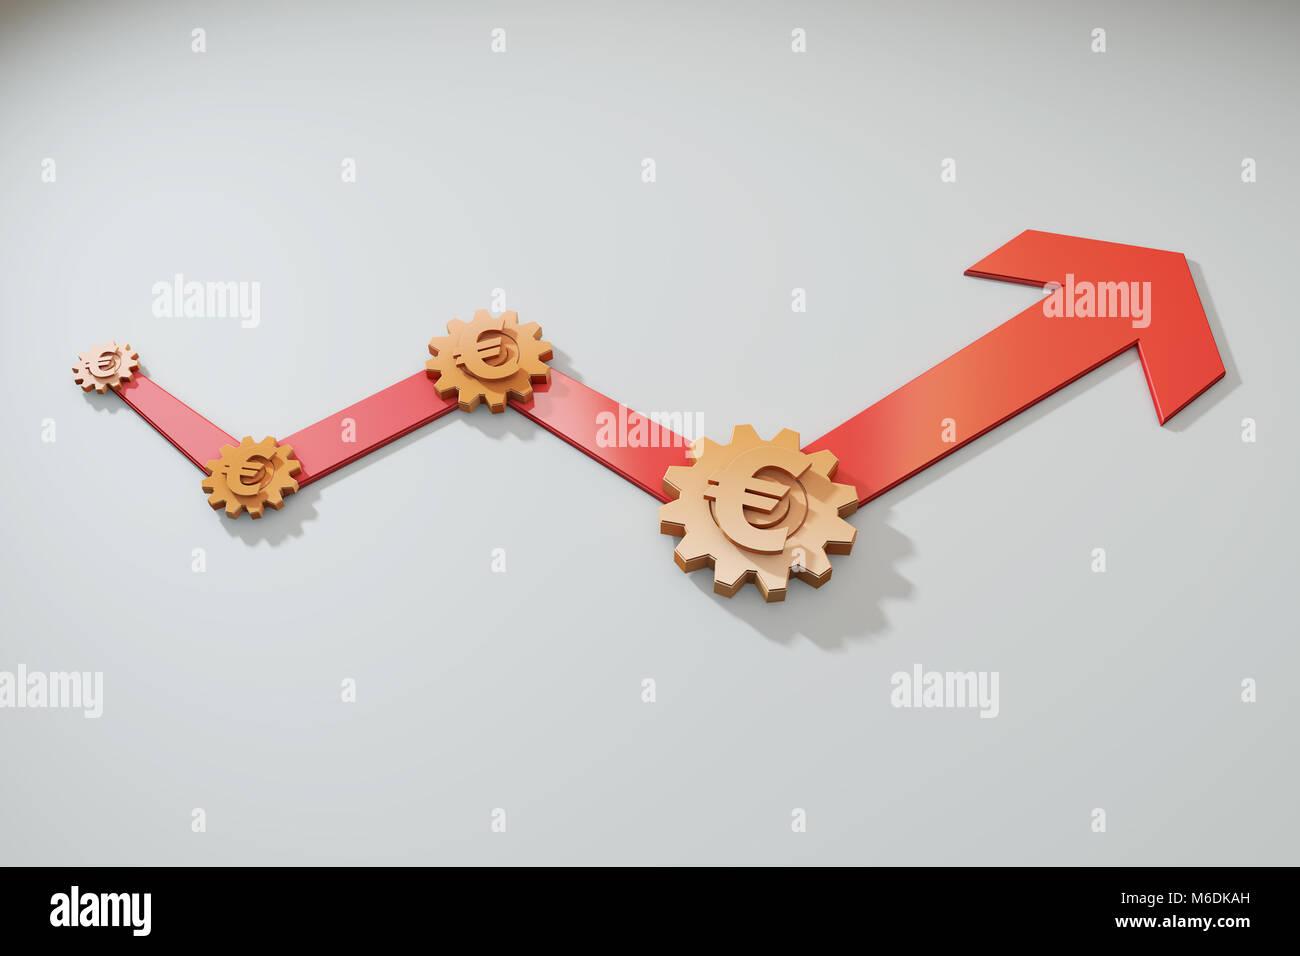 Flèches réussie et pignons, financière et économique, d'amélioration d'équipe Photo Stock